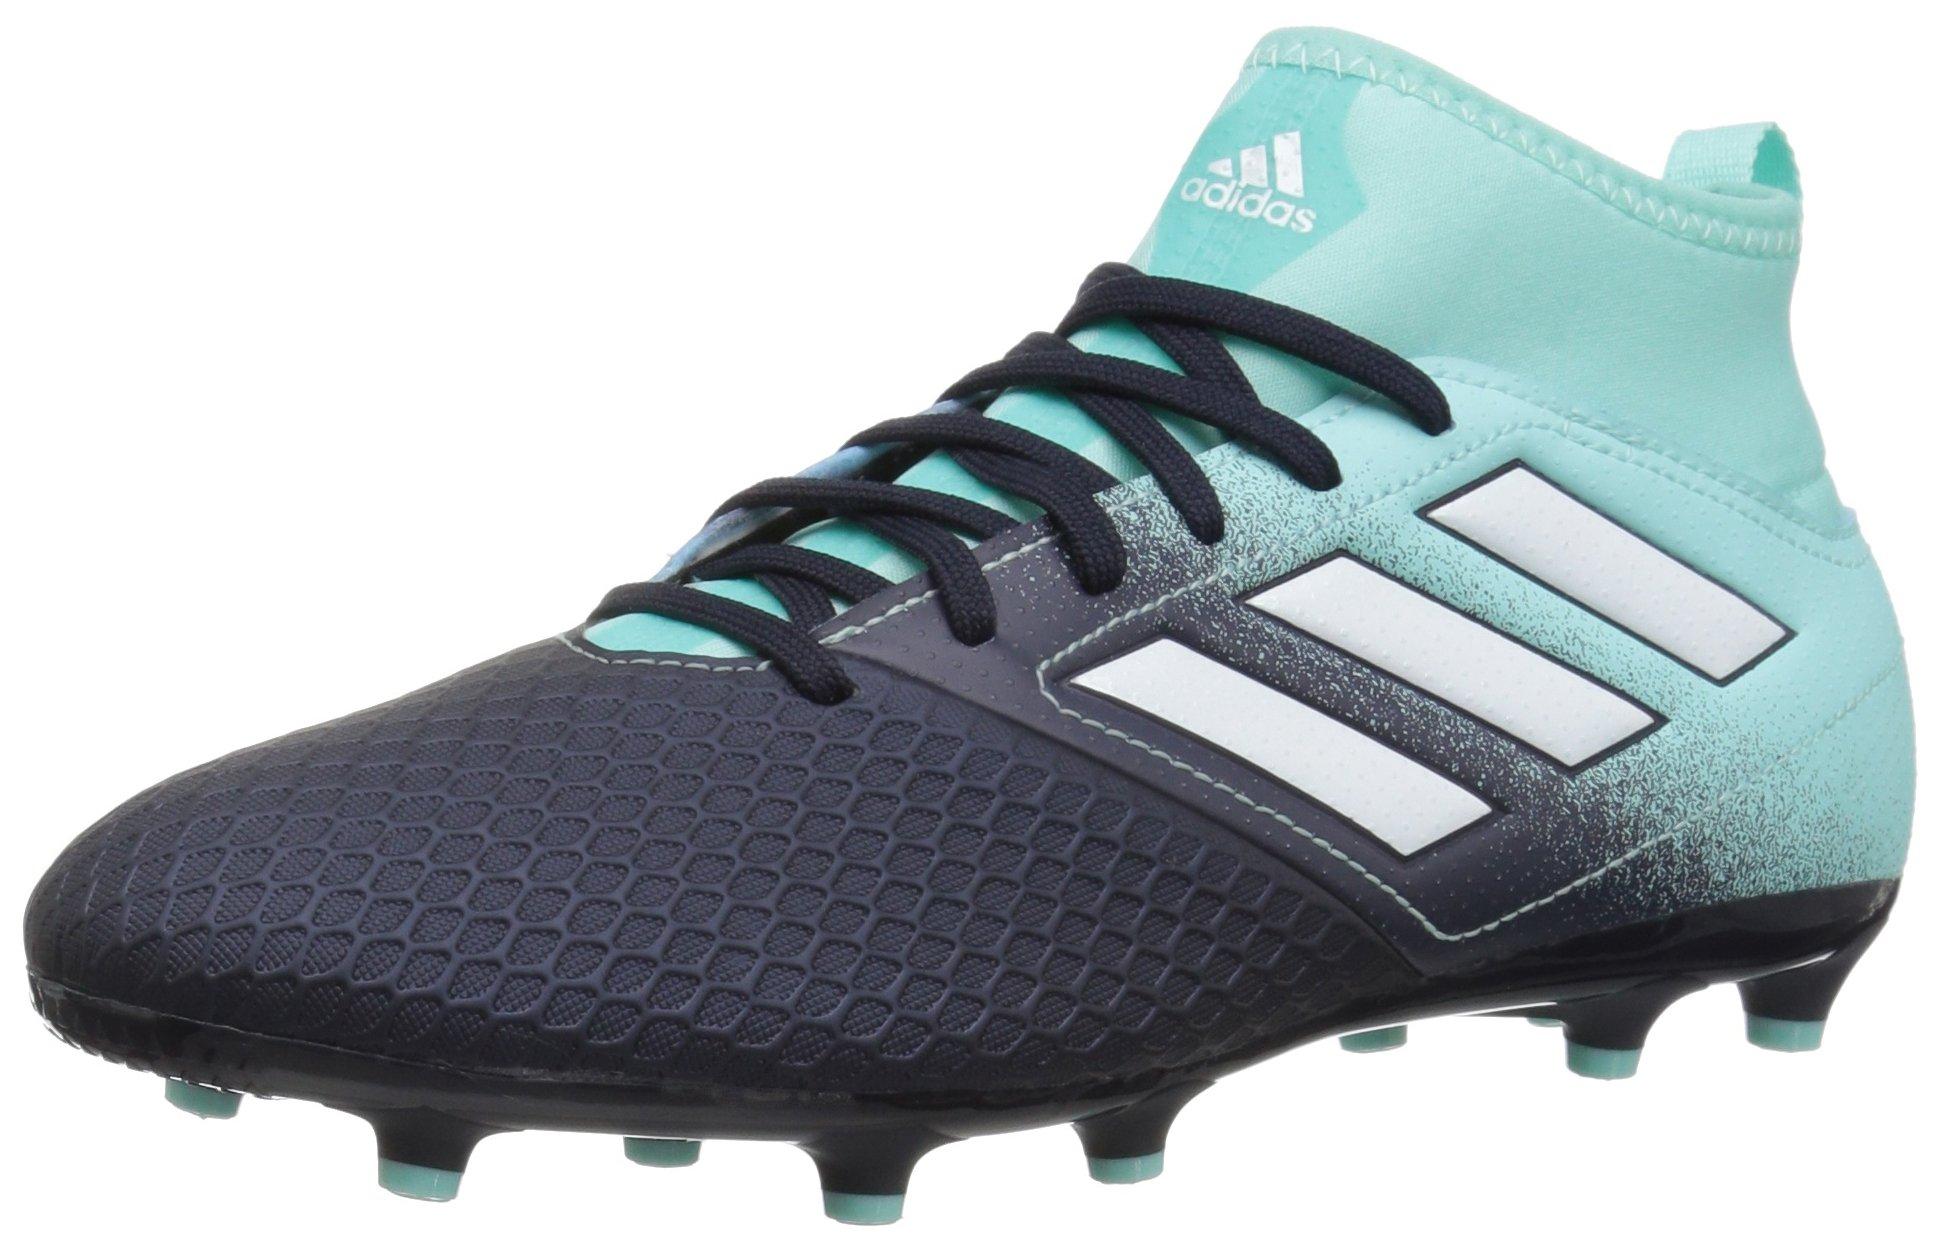 bfa437205 Galleon - Adidas Boys  ACE 17.3 FG J